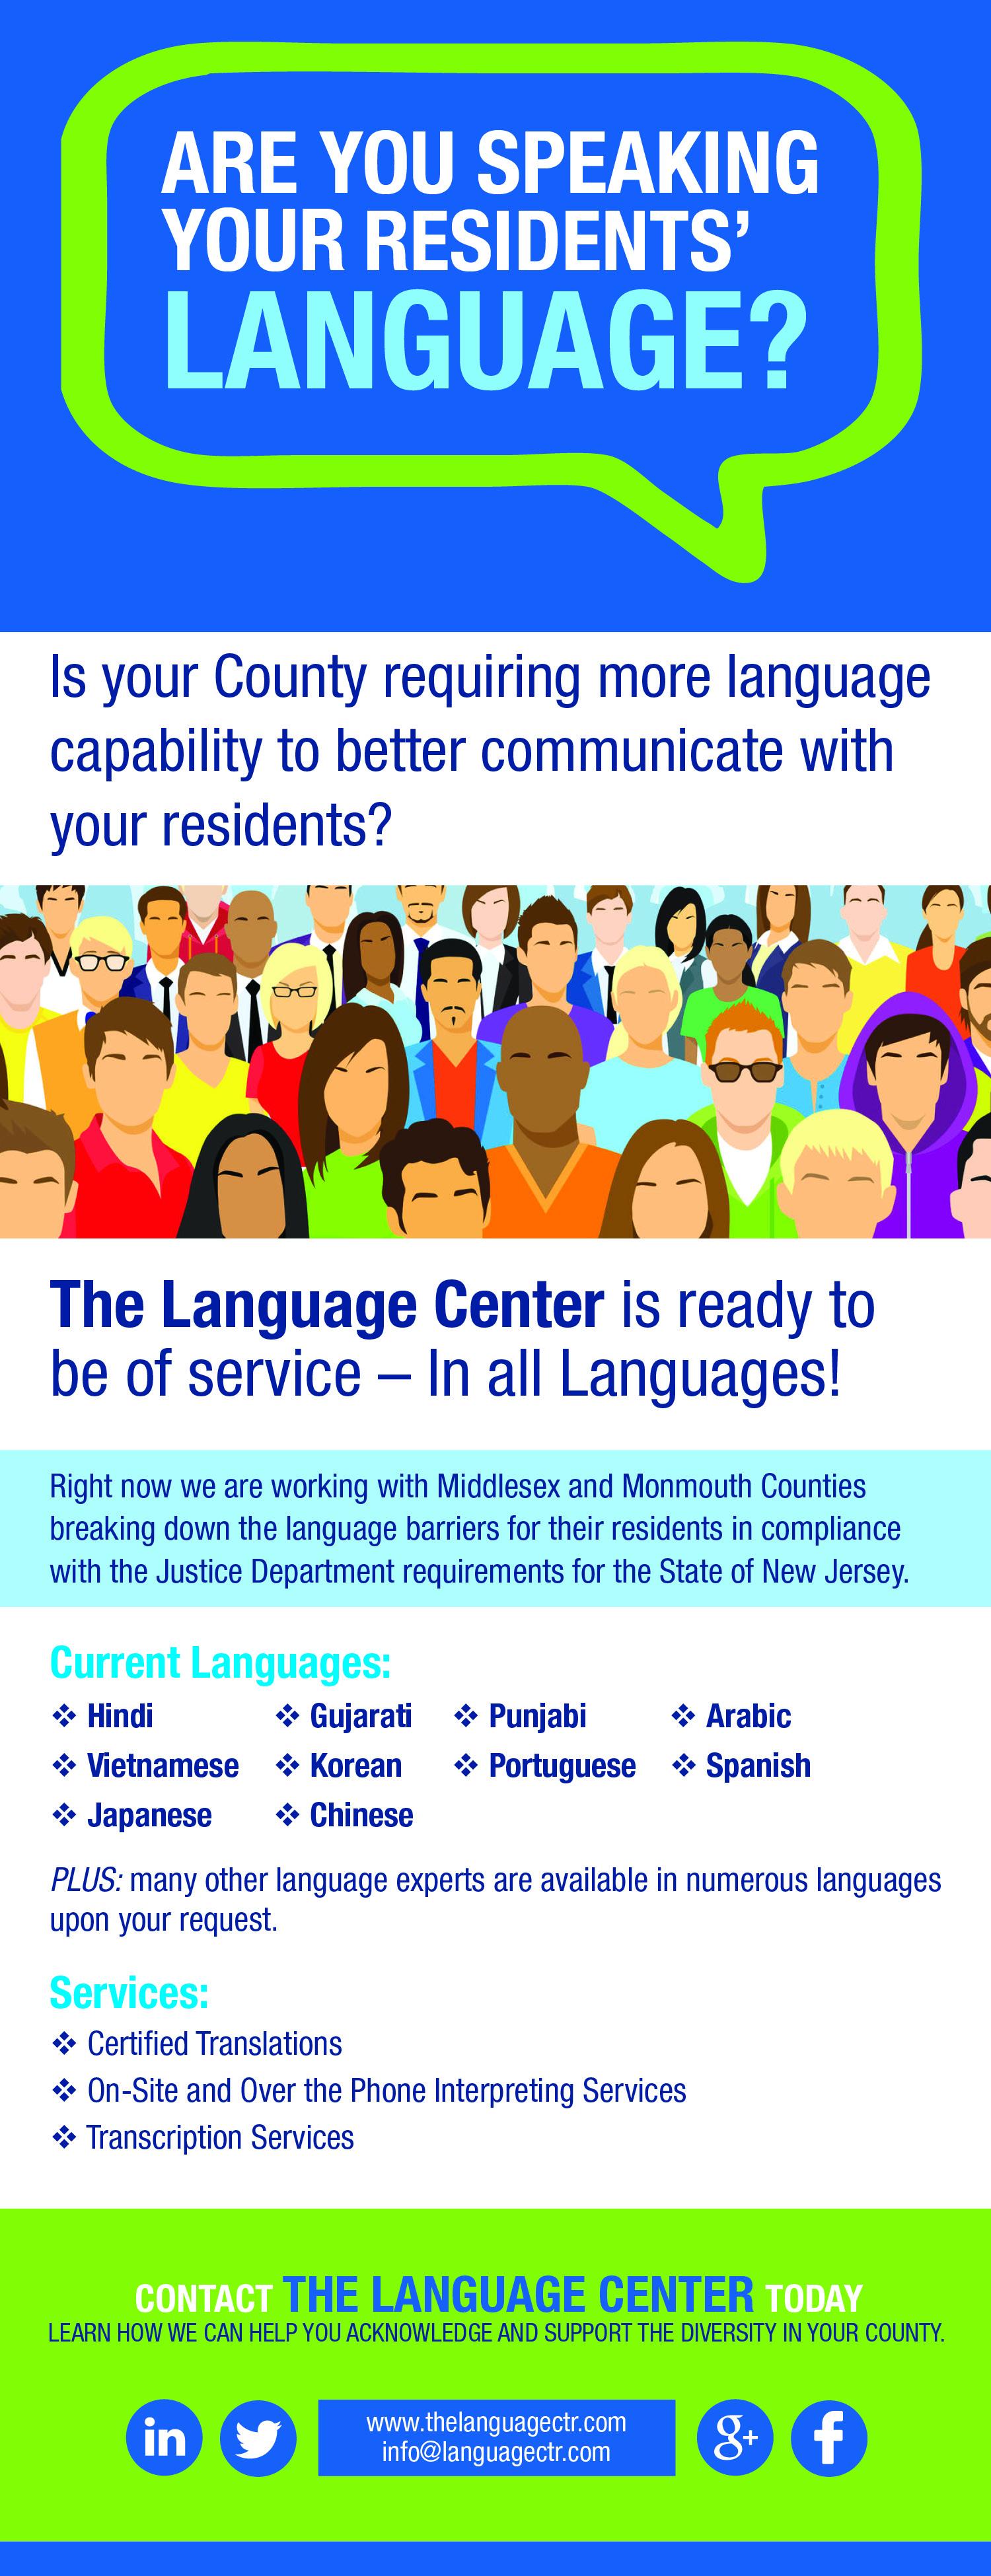 FINAL Speaking Residents Language